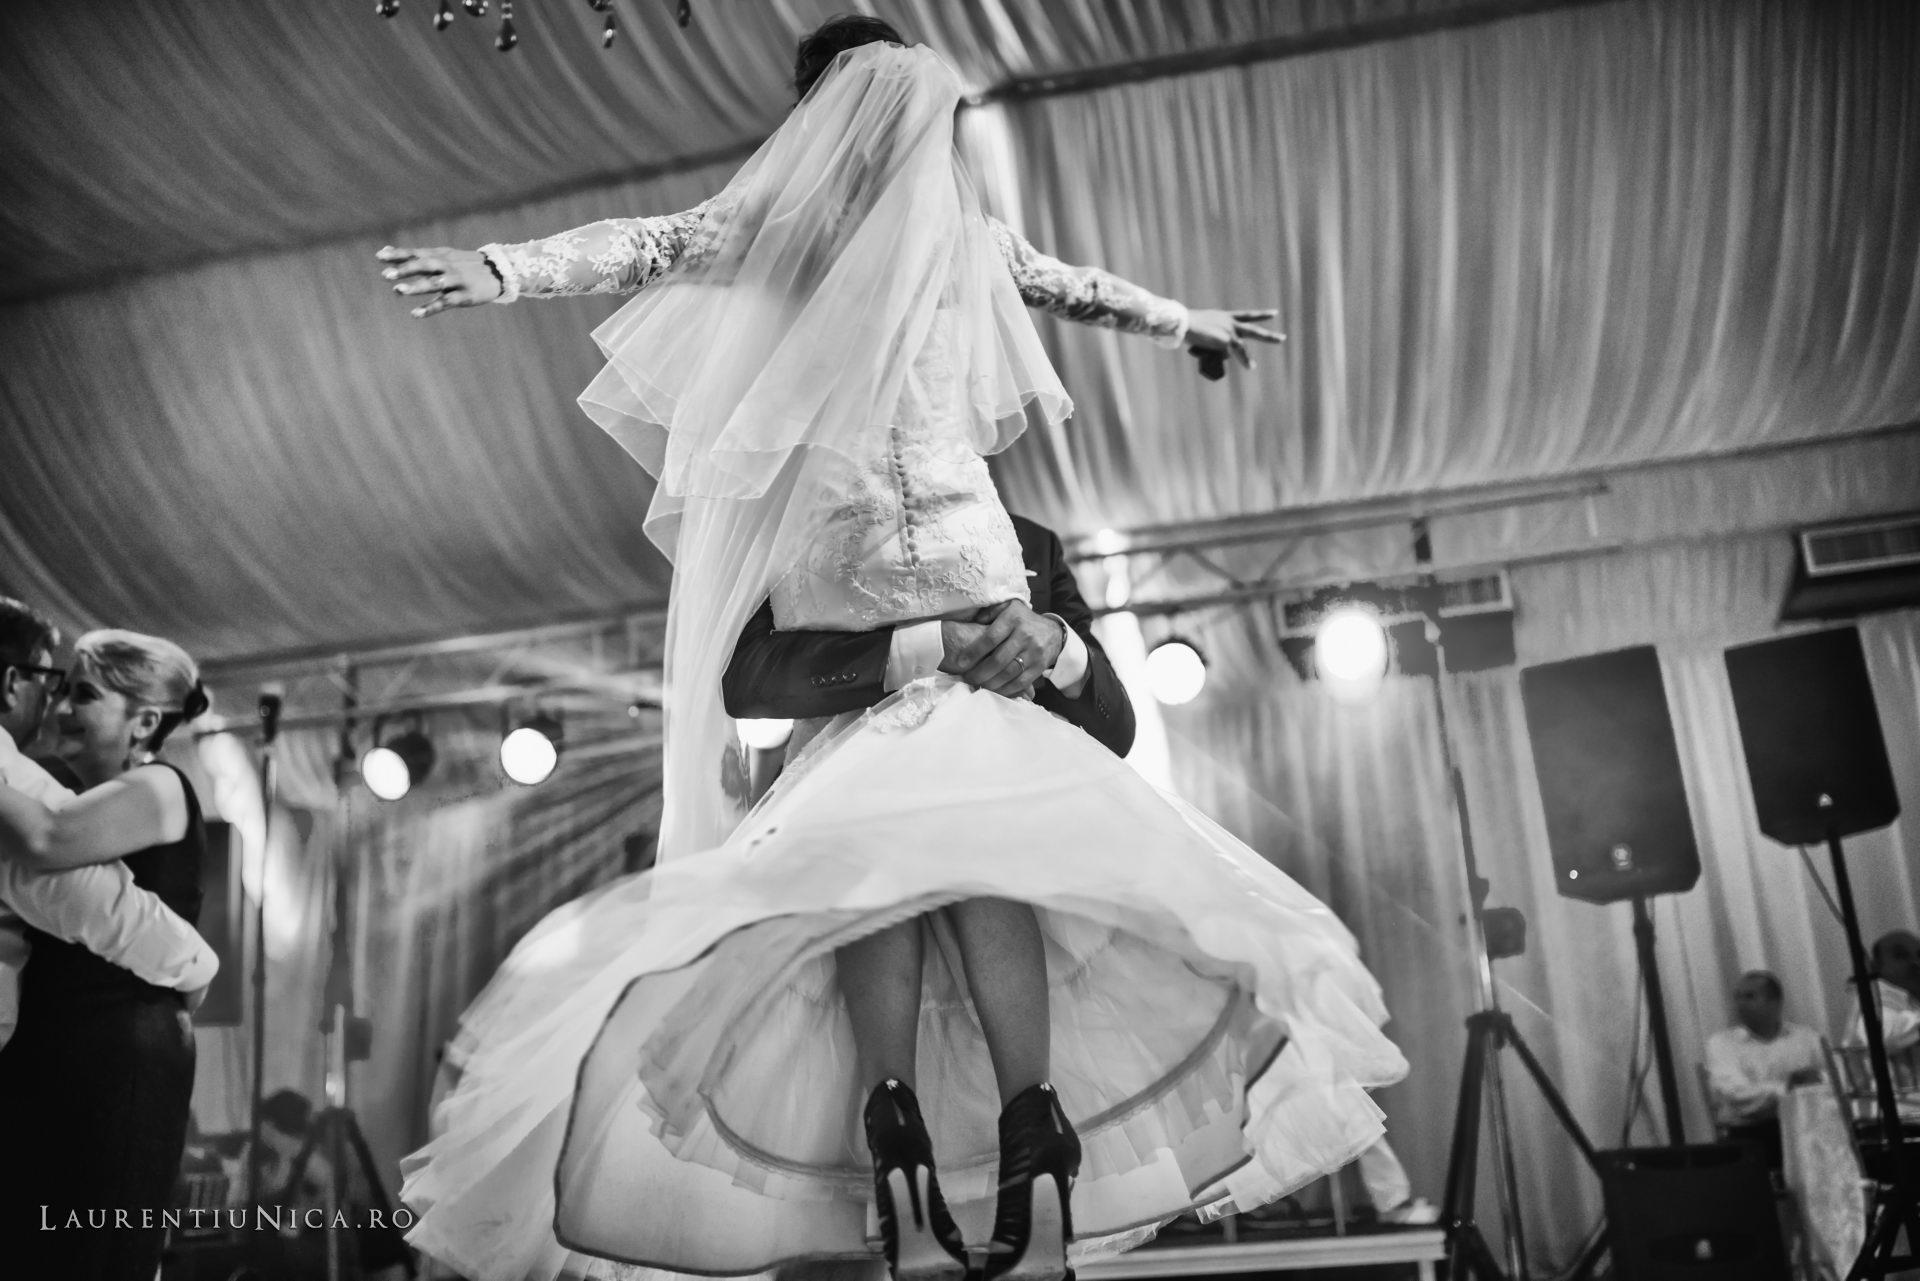 Cristina si Ovidiu nunta Craiova fotograf laurentiu nica 142 - Cristina & Ovidiu | Fotografii nunta | Craiova